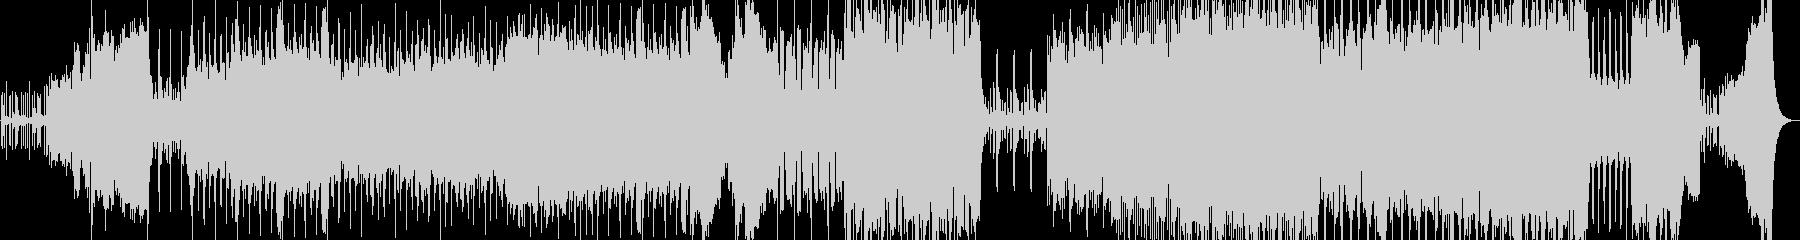 オーケストラ魔法森ハロウィンBGMRPGの未再生の波形